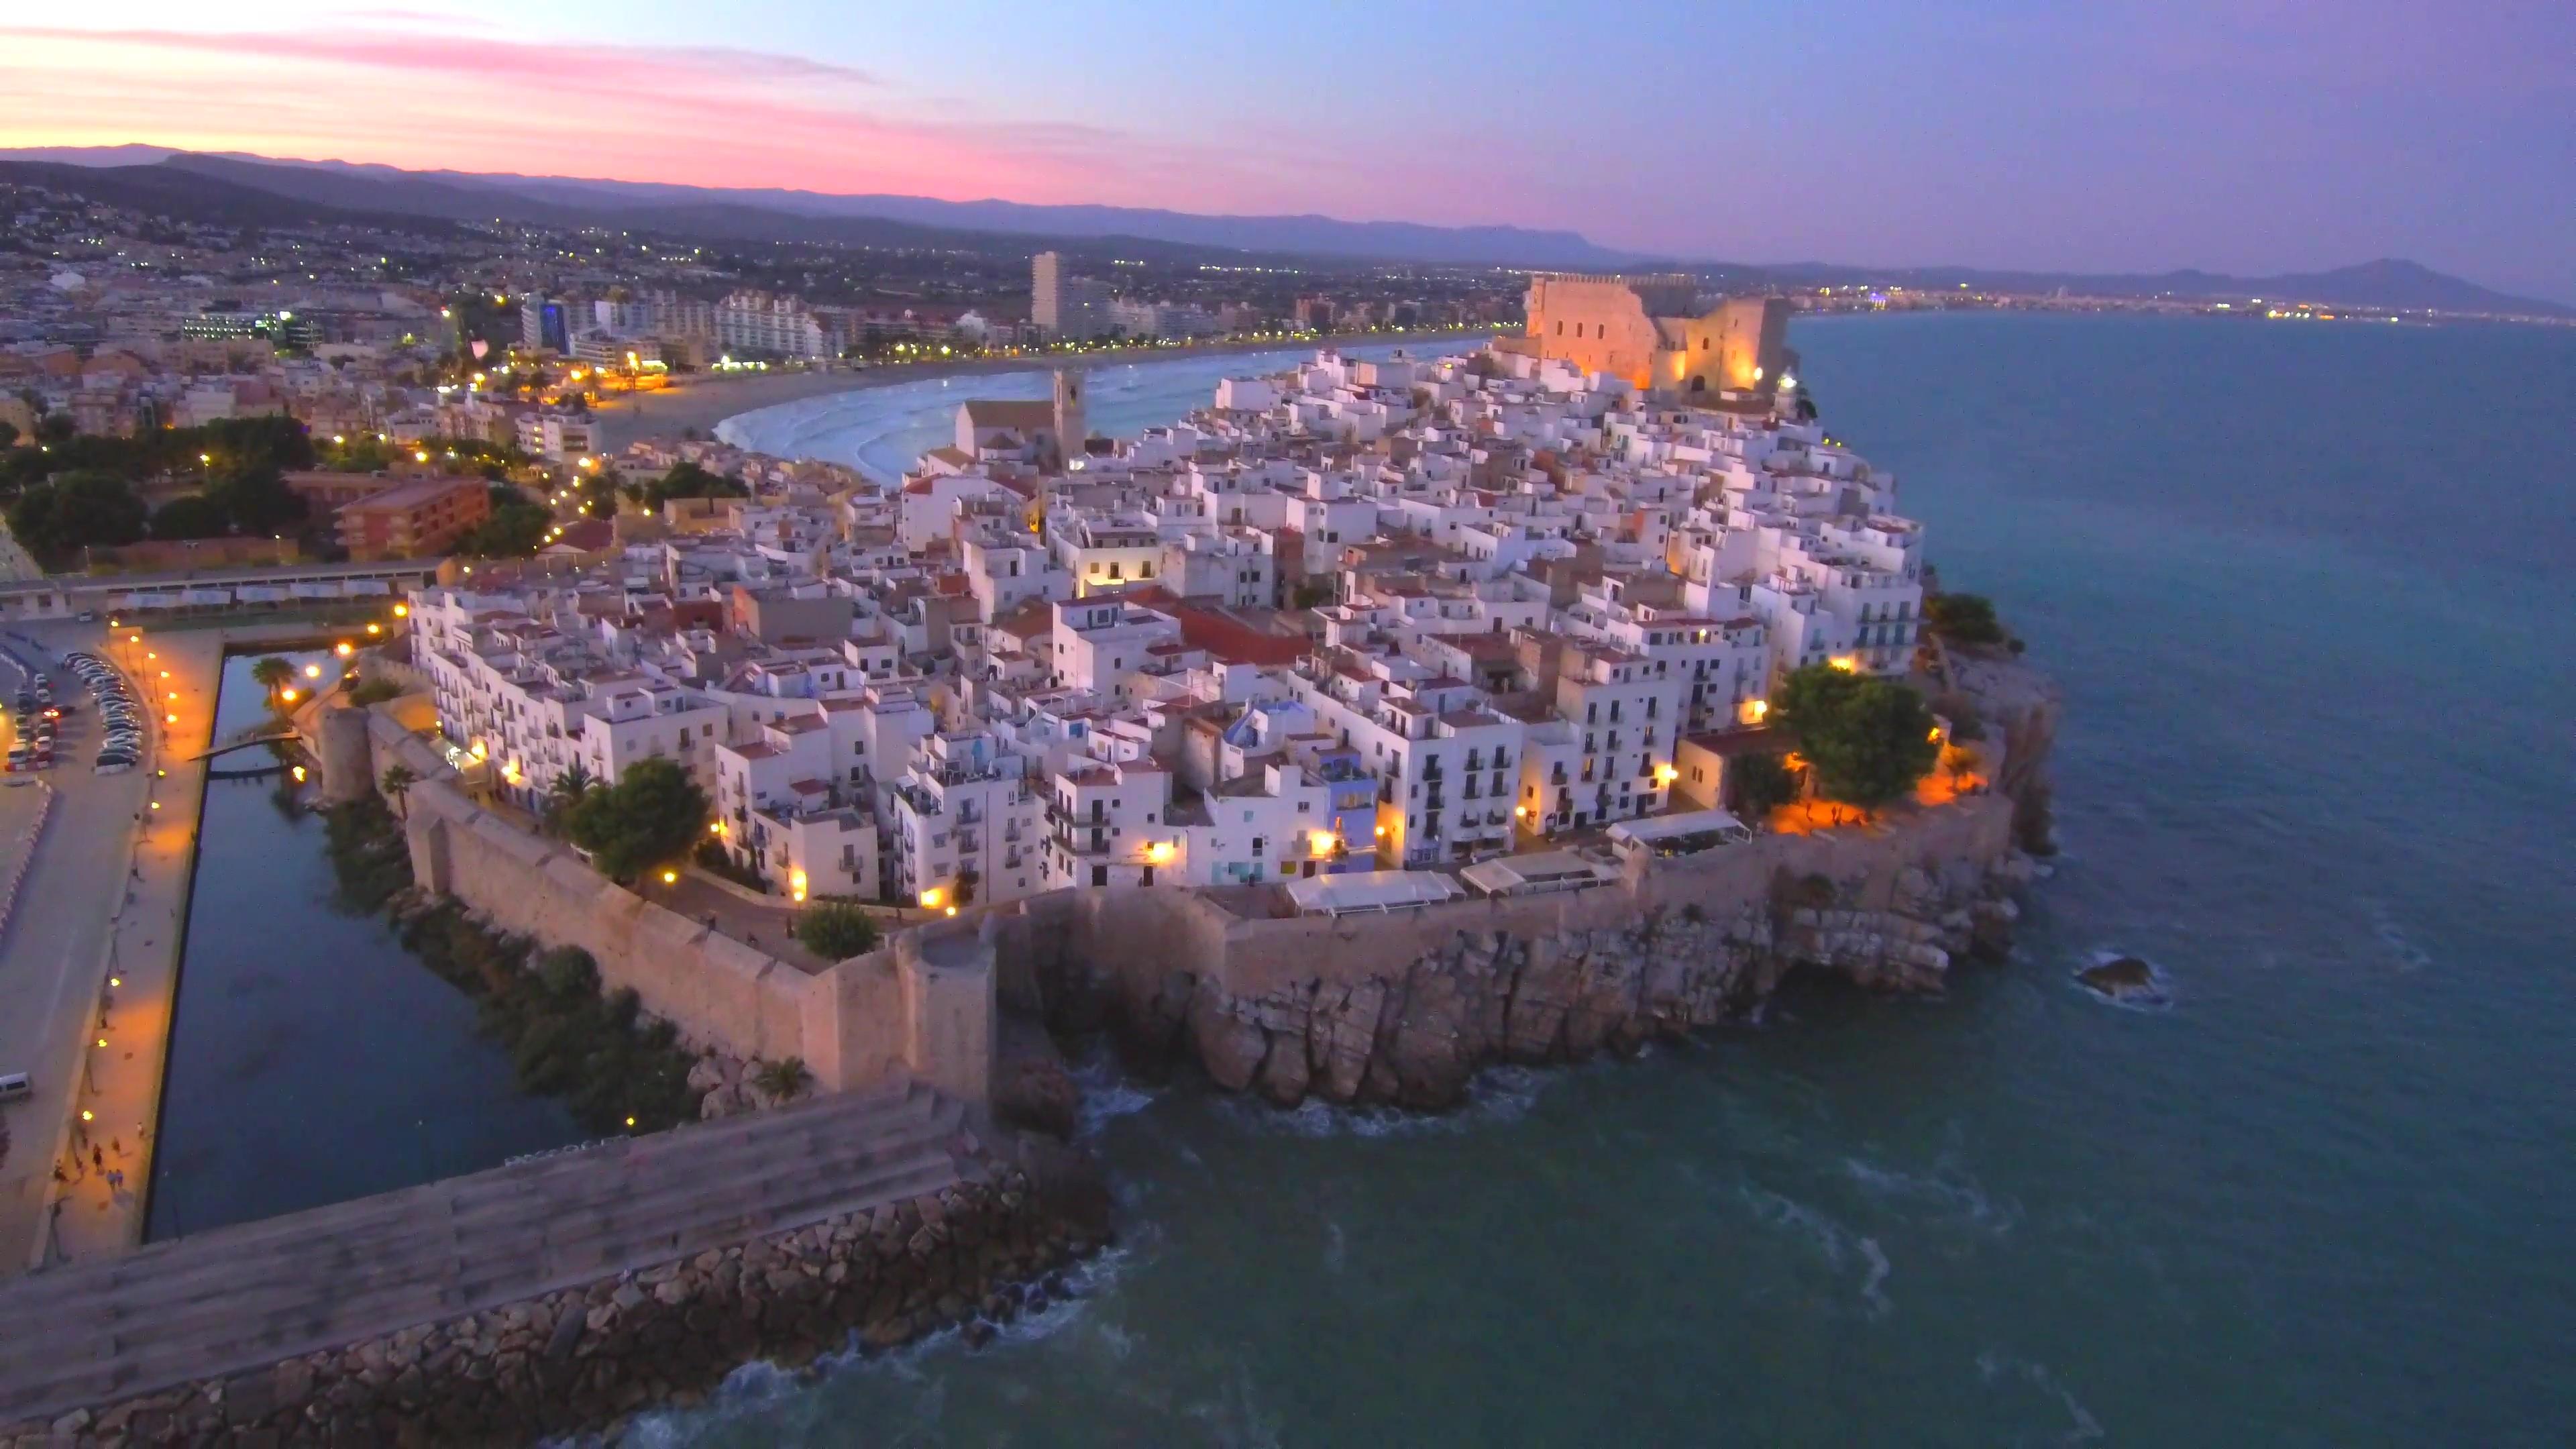 Turisme ultima l'elaboració del Pla Estratègic de Turisme 2020/2025 amb les aportacions del sector